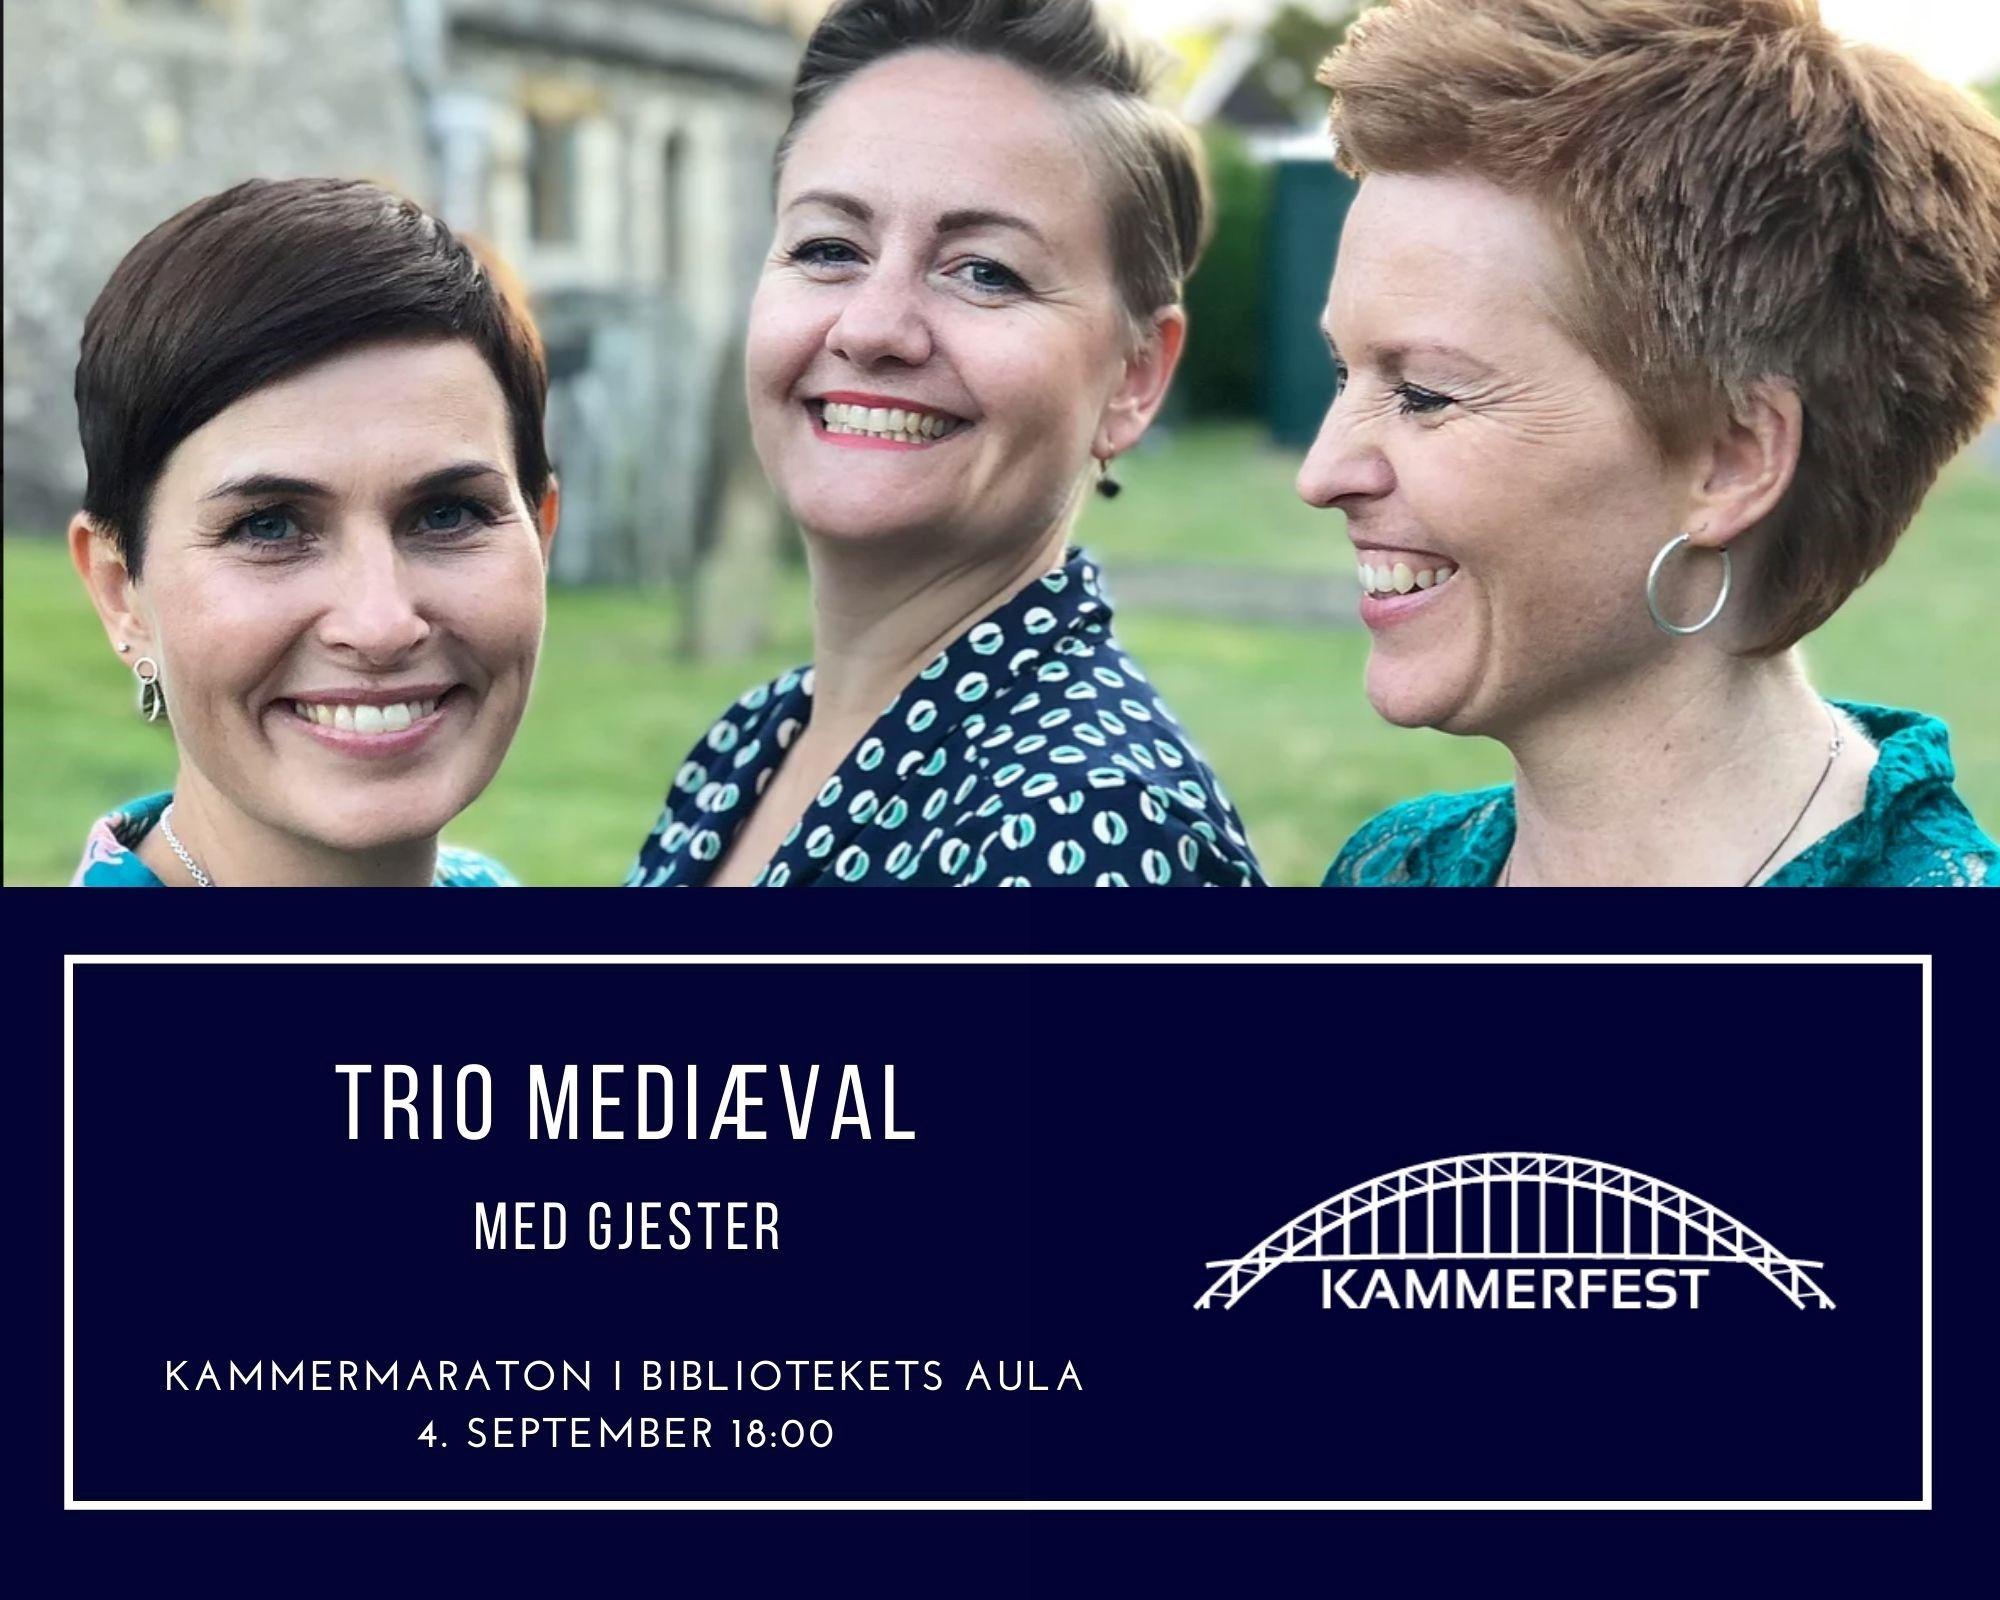 Trio Mediæval med gjester